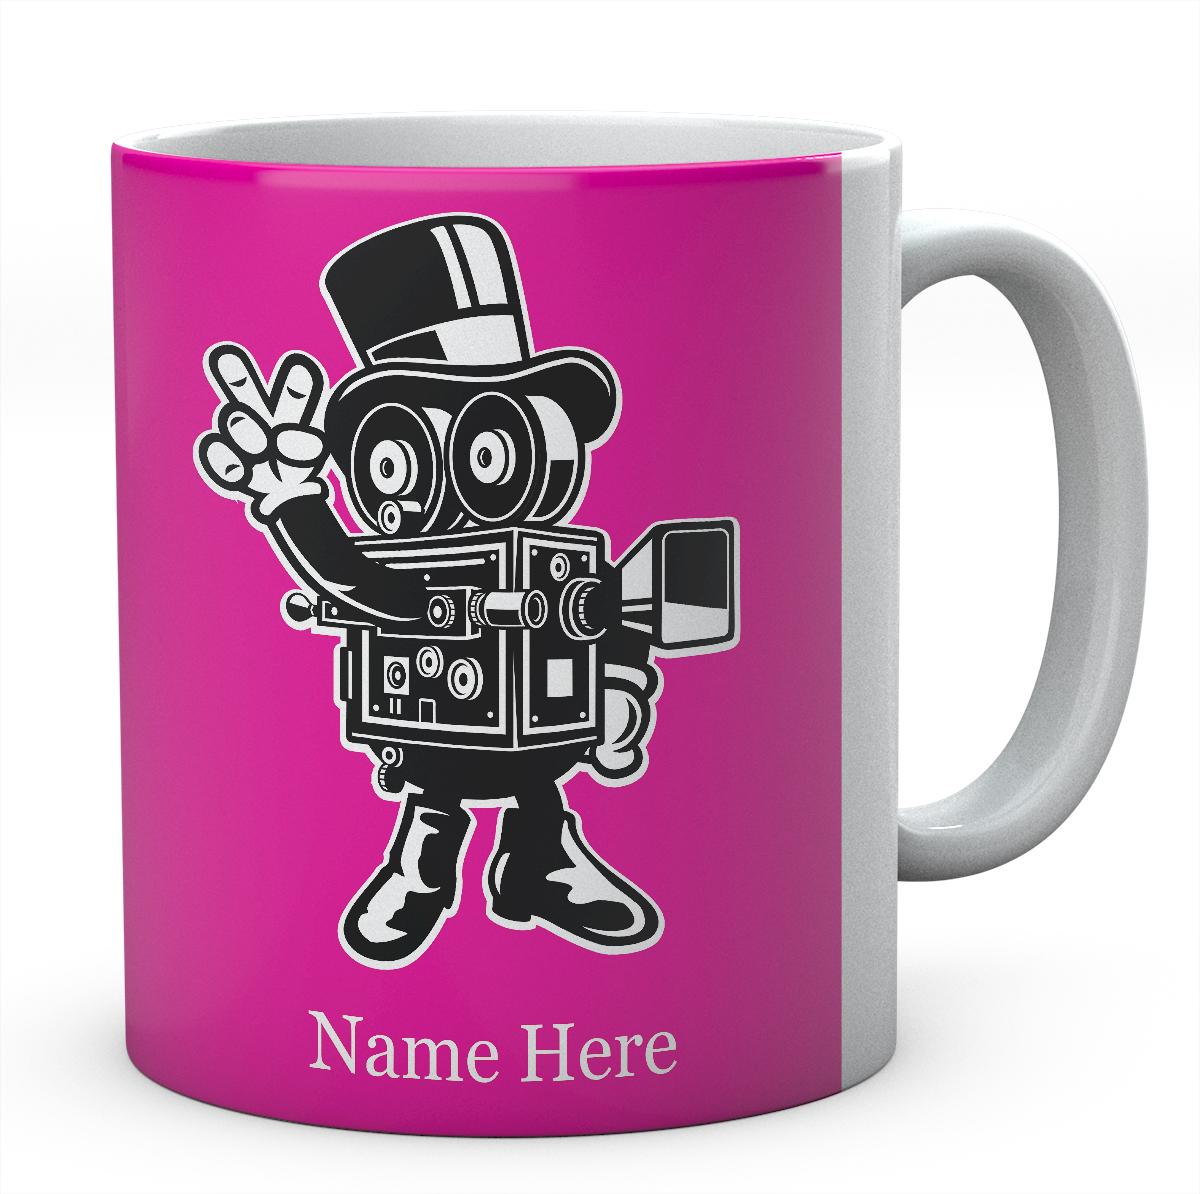 Classic Cameraman Cartoon Personalised Funny Mug